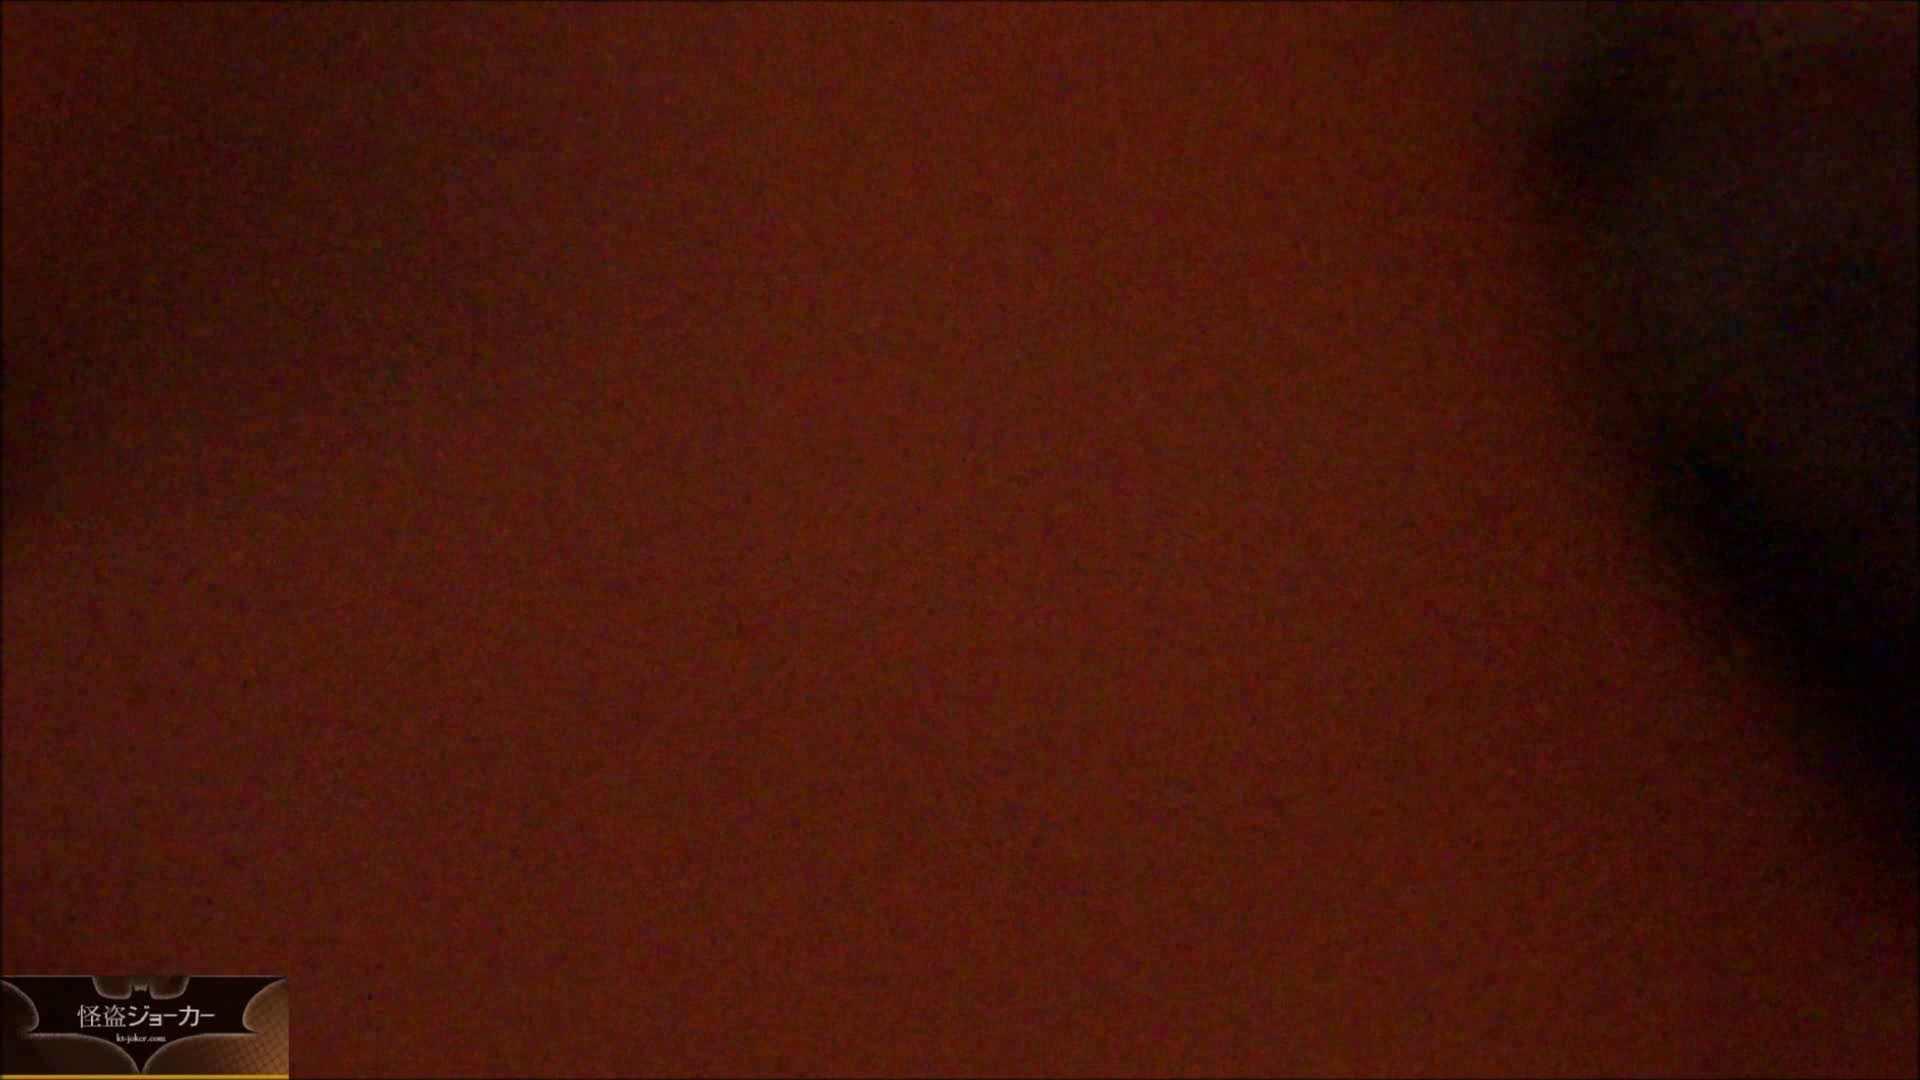 【未公開】vol.31 朋葉を目民り姫にして味比べ・・・ OLハメ撮り  87Pix 49